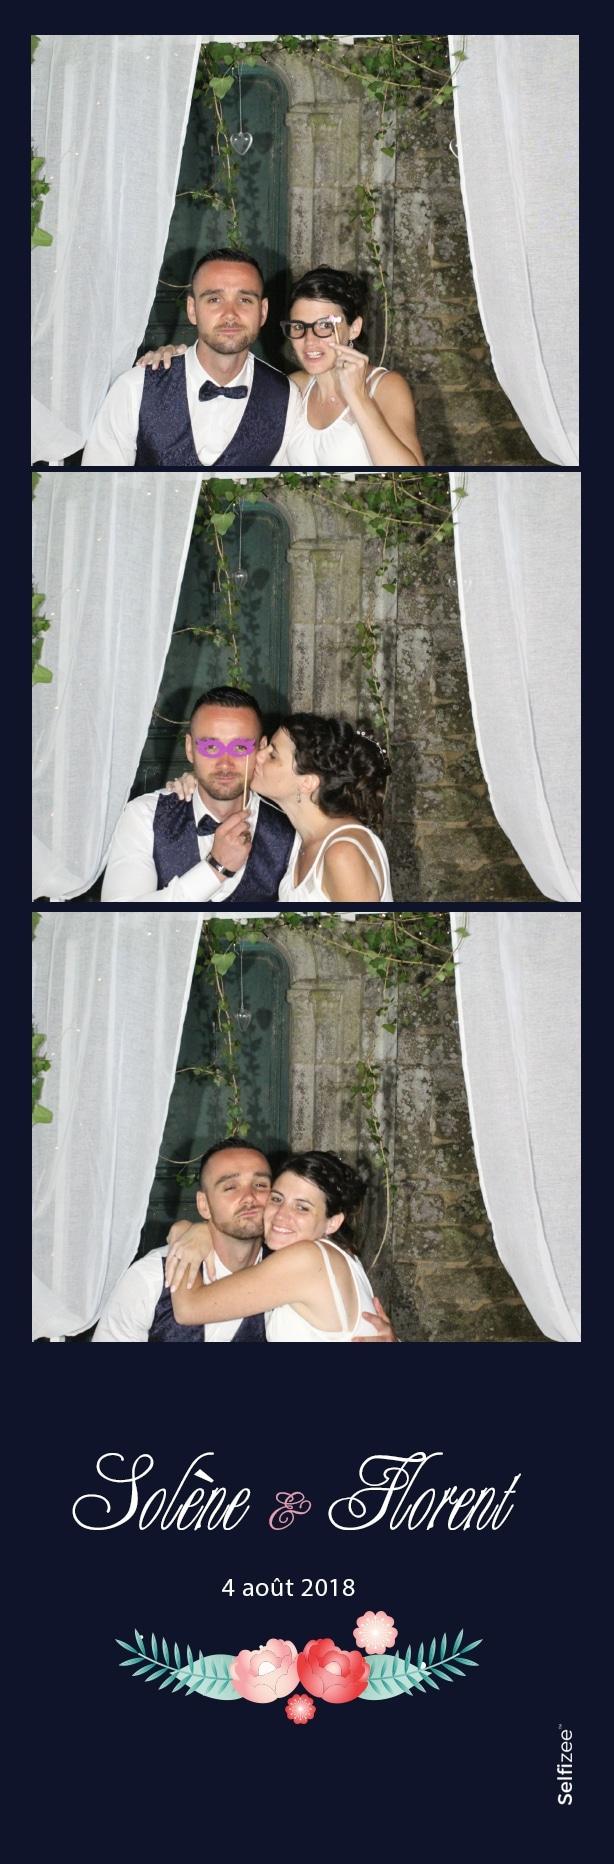 Photobooth à louer pour mariage dans le Morbihan avec impressions photos personnalisées